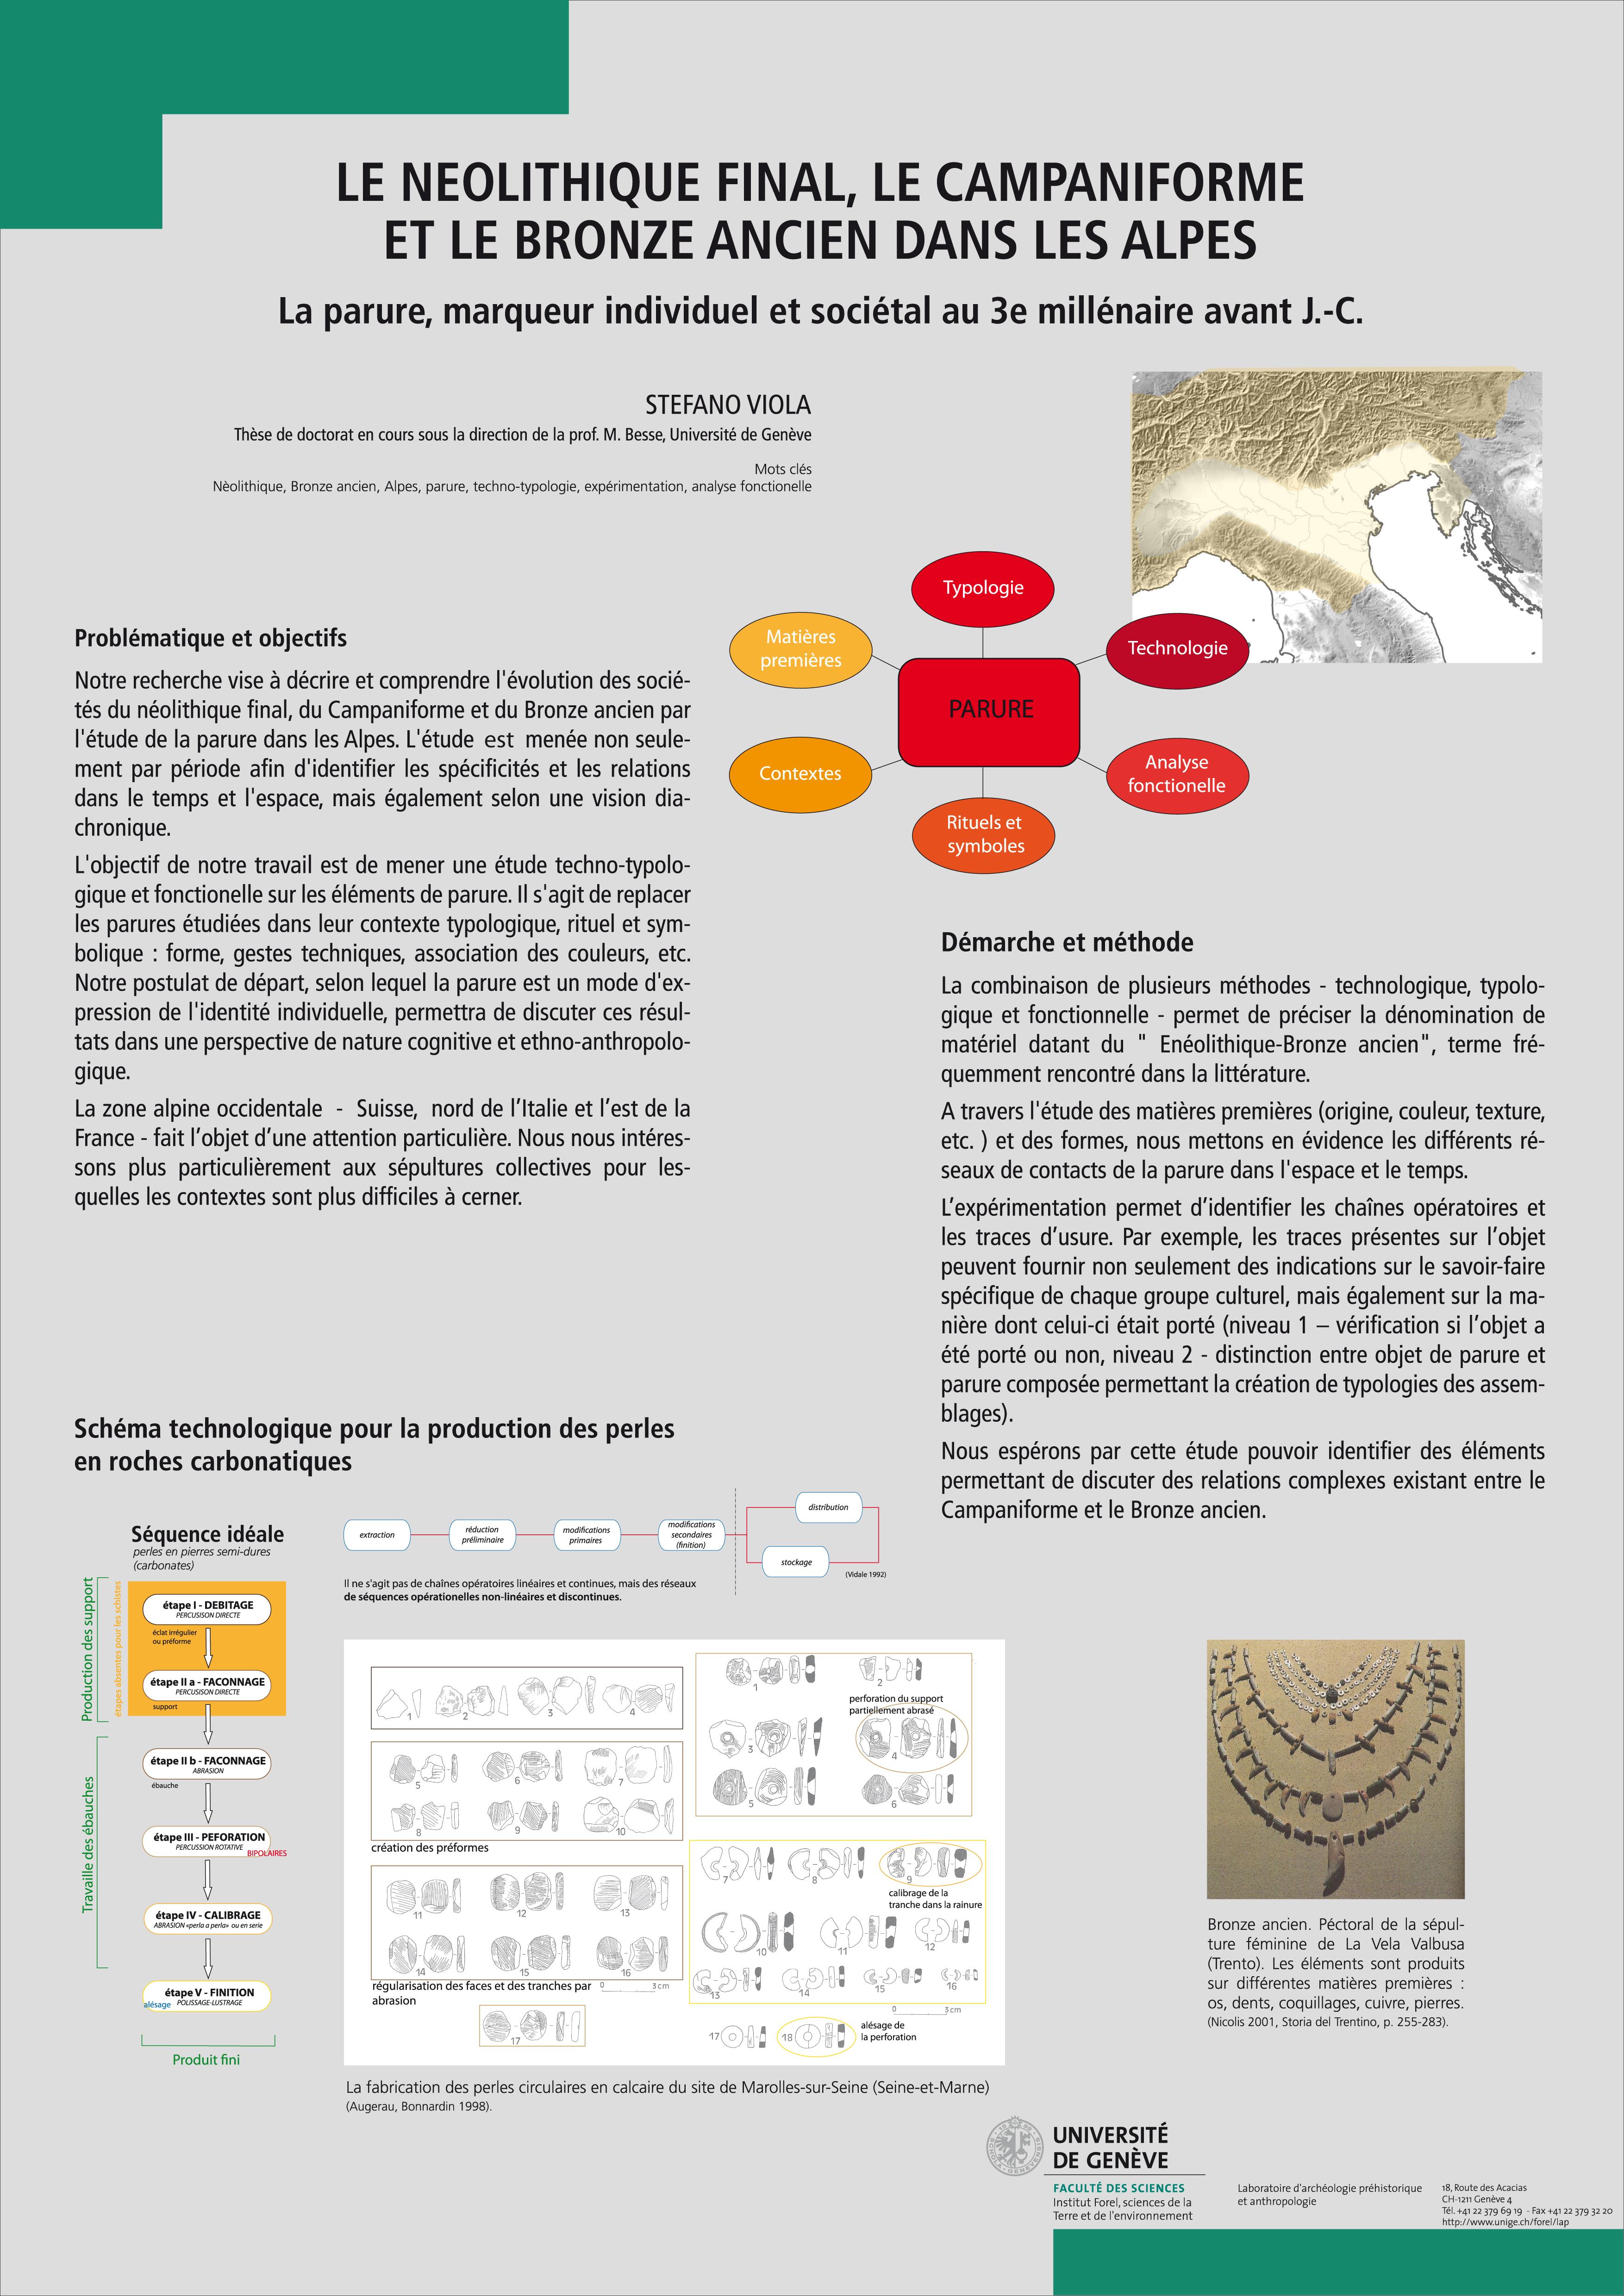 Stefano VIOLA: Le Neolithique final, le Campaniforme et le Bronze ancien dans les Alpes. La parure, marqueur individuel et sociétal au 3e millénaire avant J.-C.